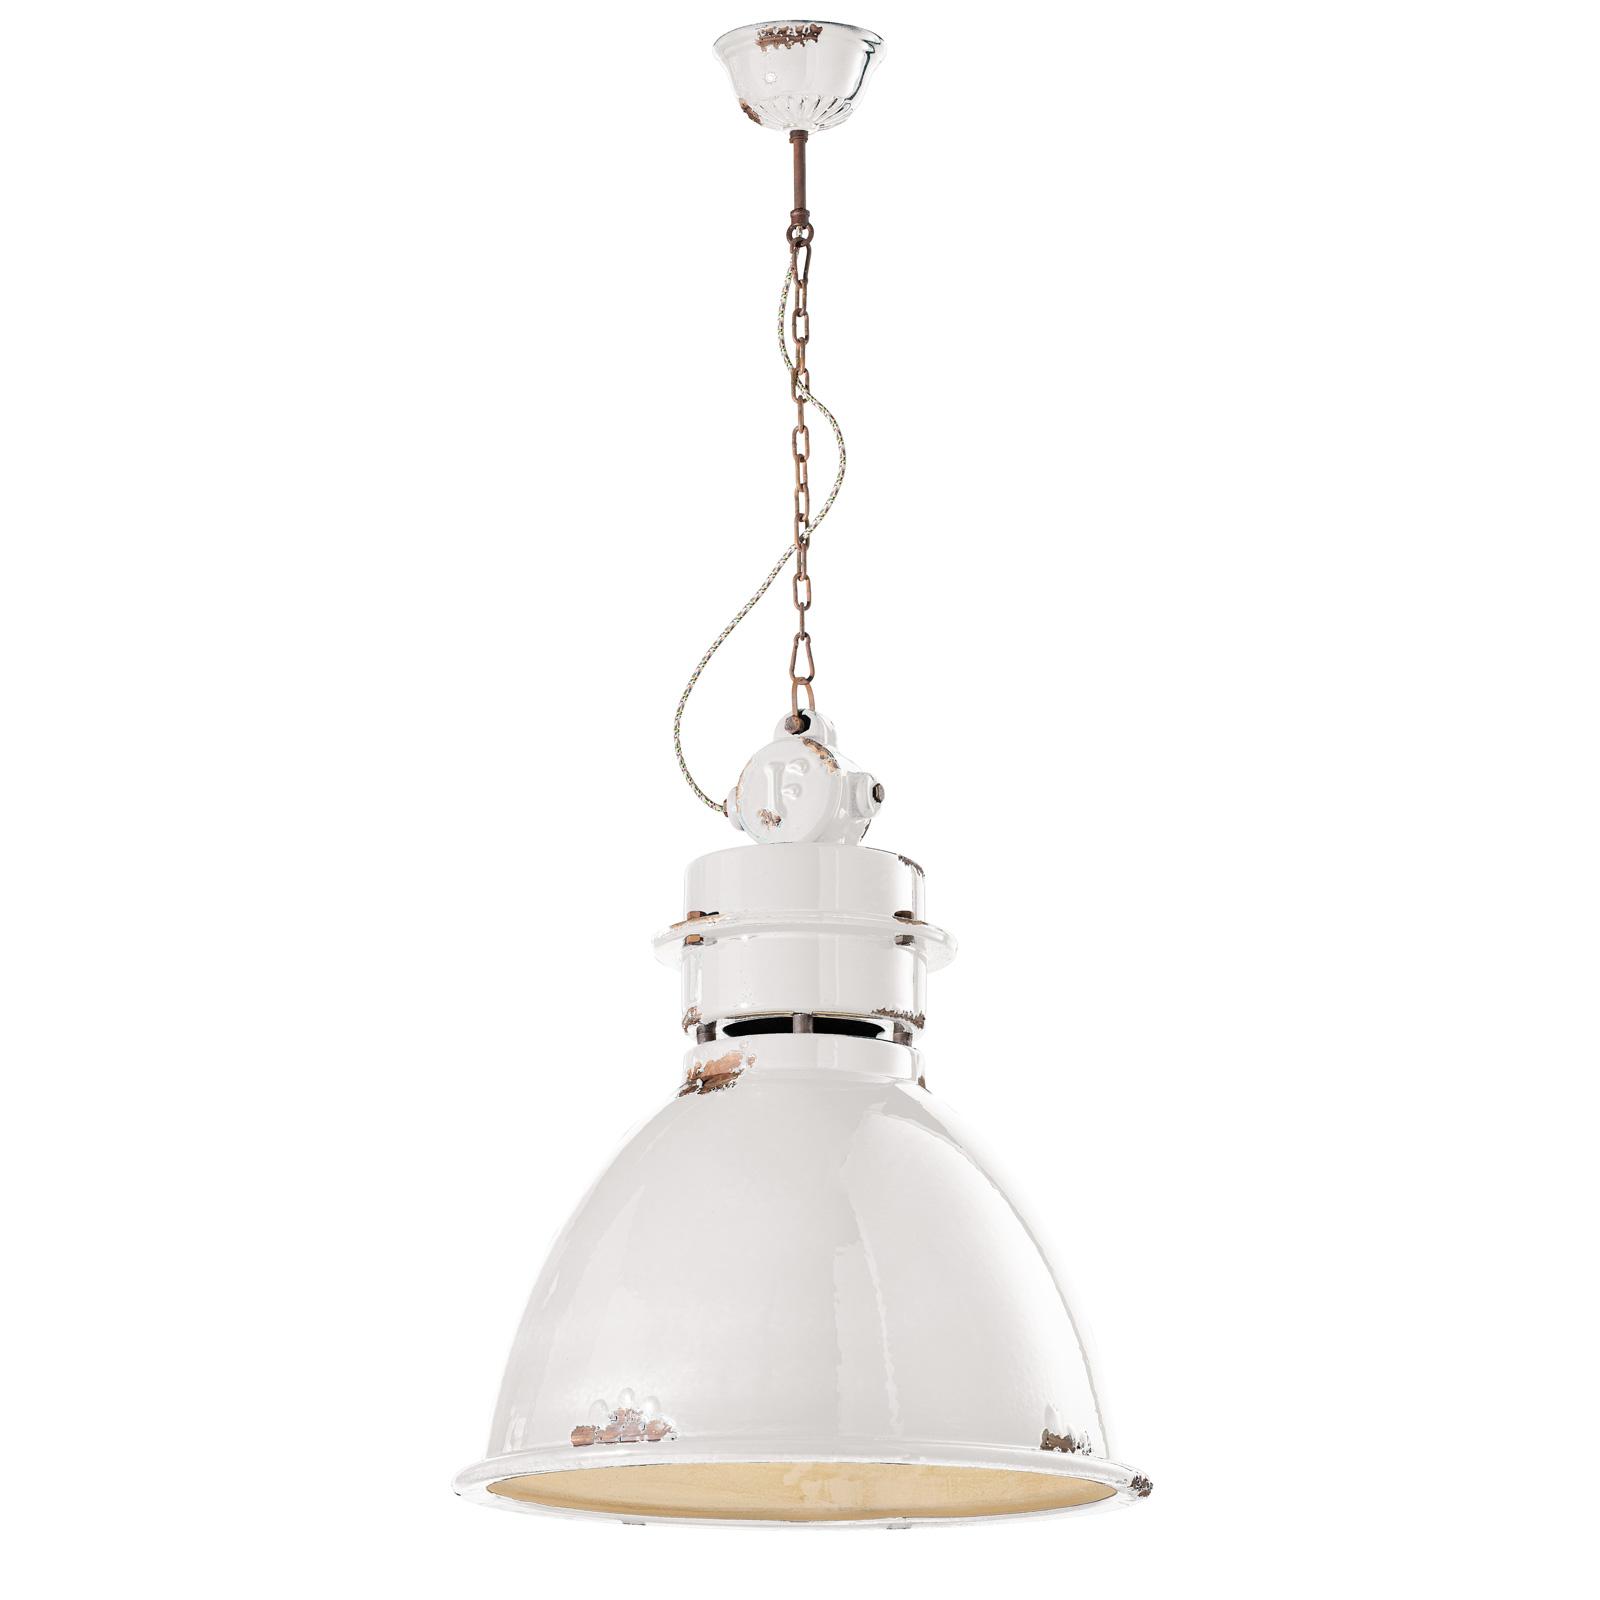 Lampa wisząca C1750 z ceramicznym kloszem, biała